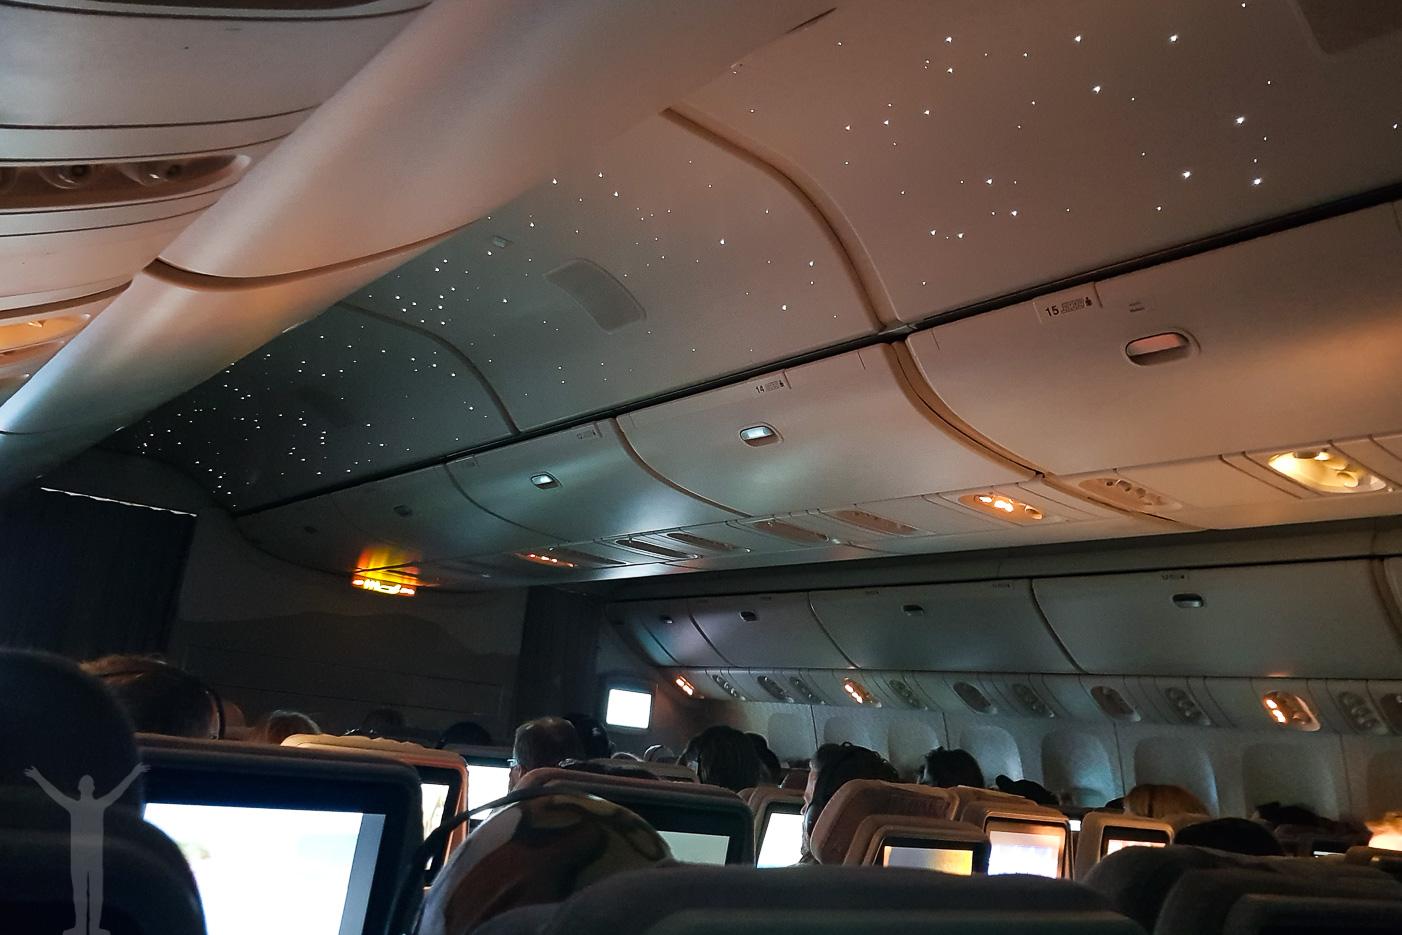 Stjärnhimmel i kabinen